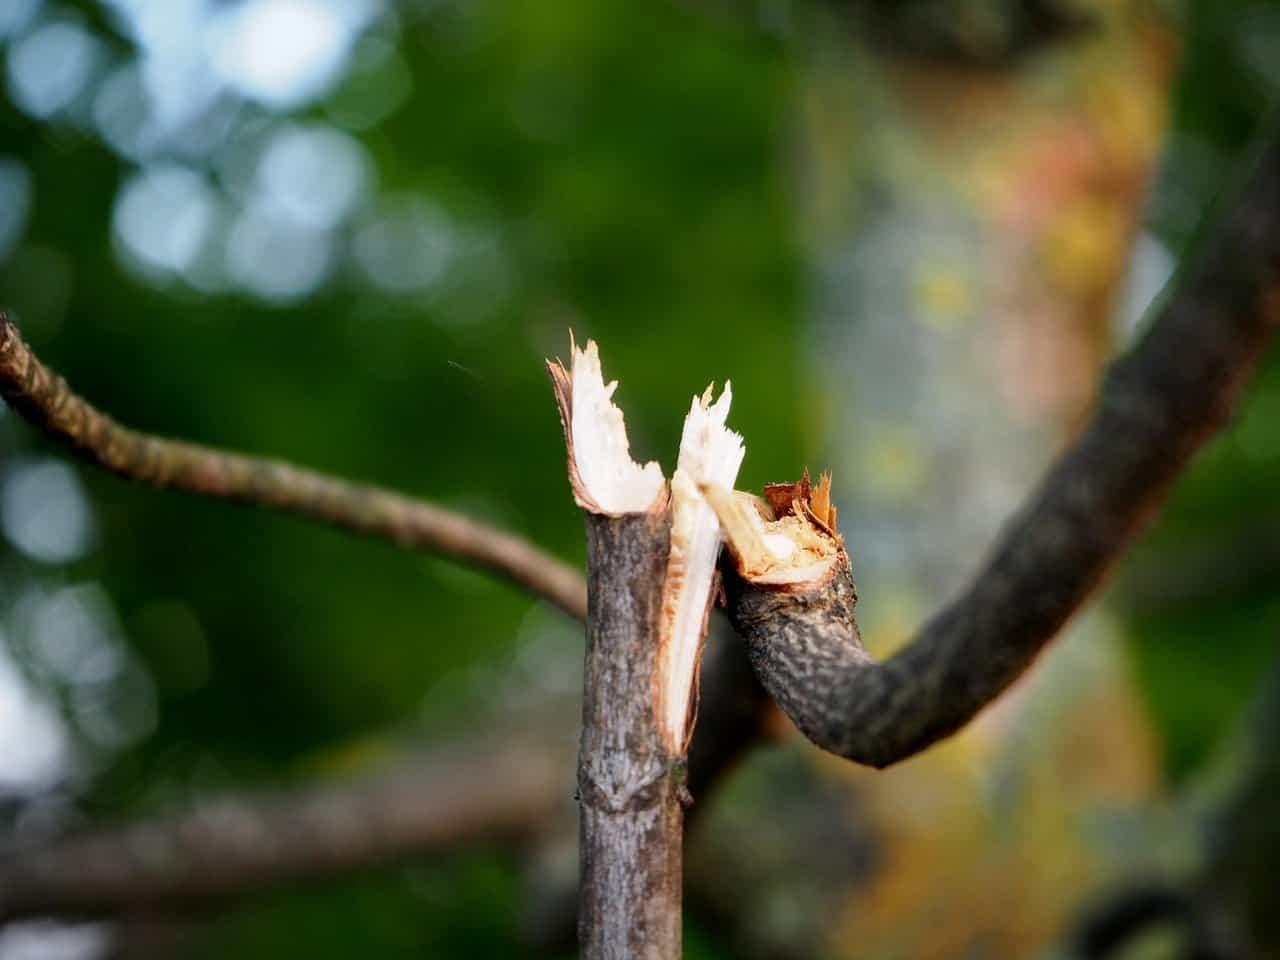 Trimming Trees before Hurricane Season